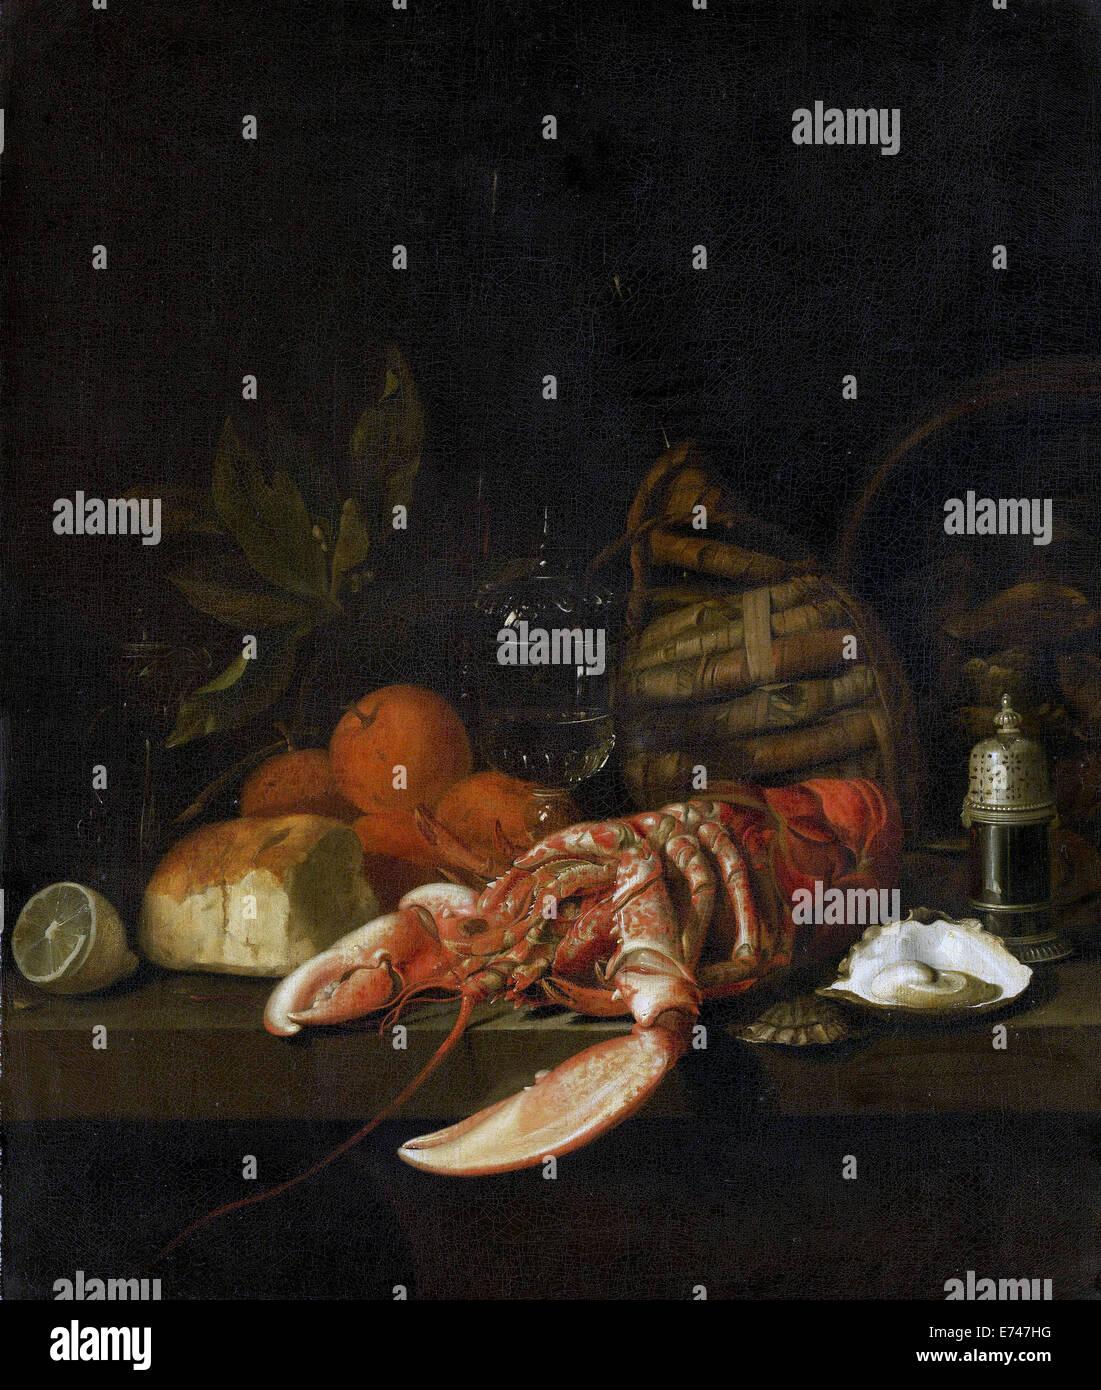 Still Life - by David Davidsz de Heem, 1668 - Stock Image